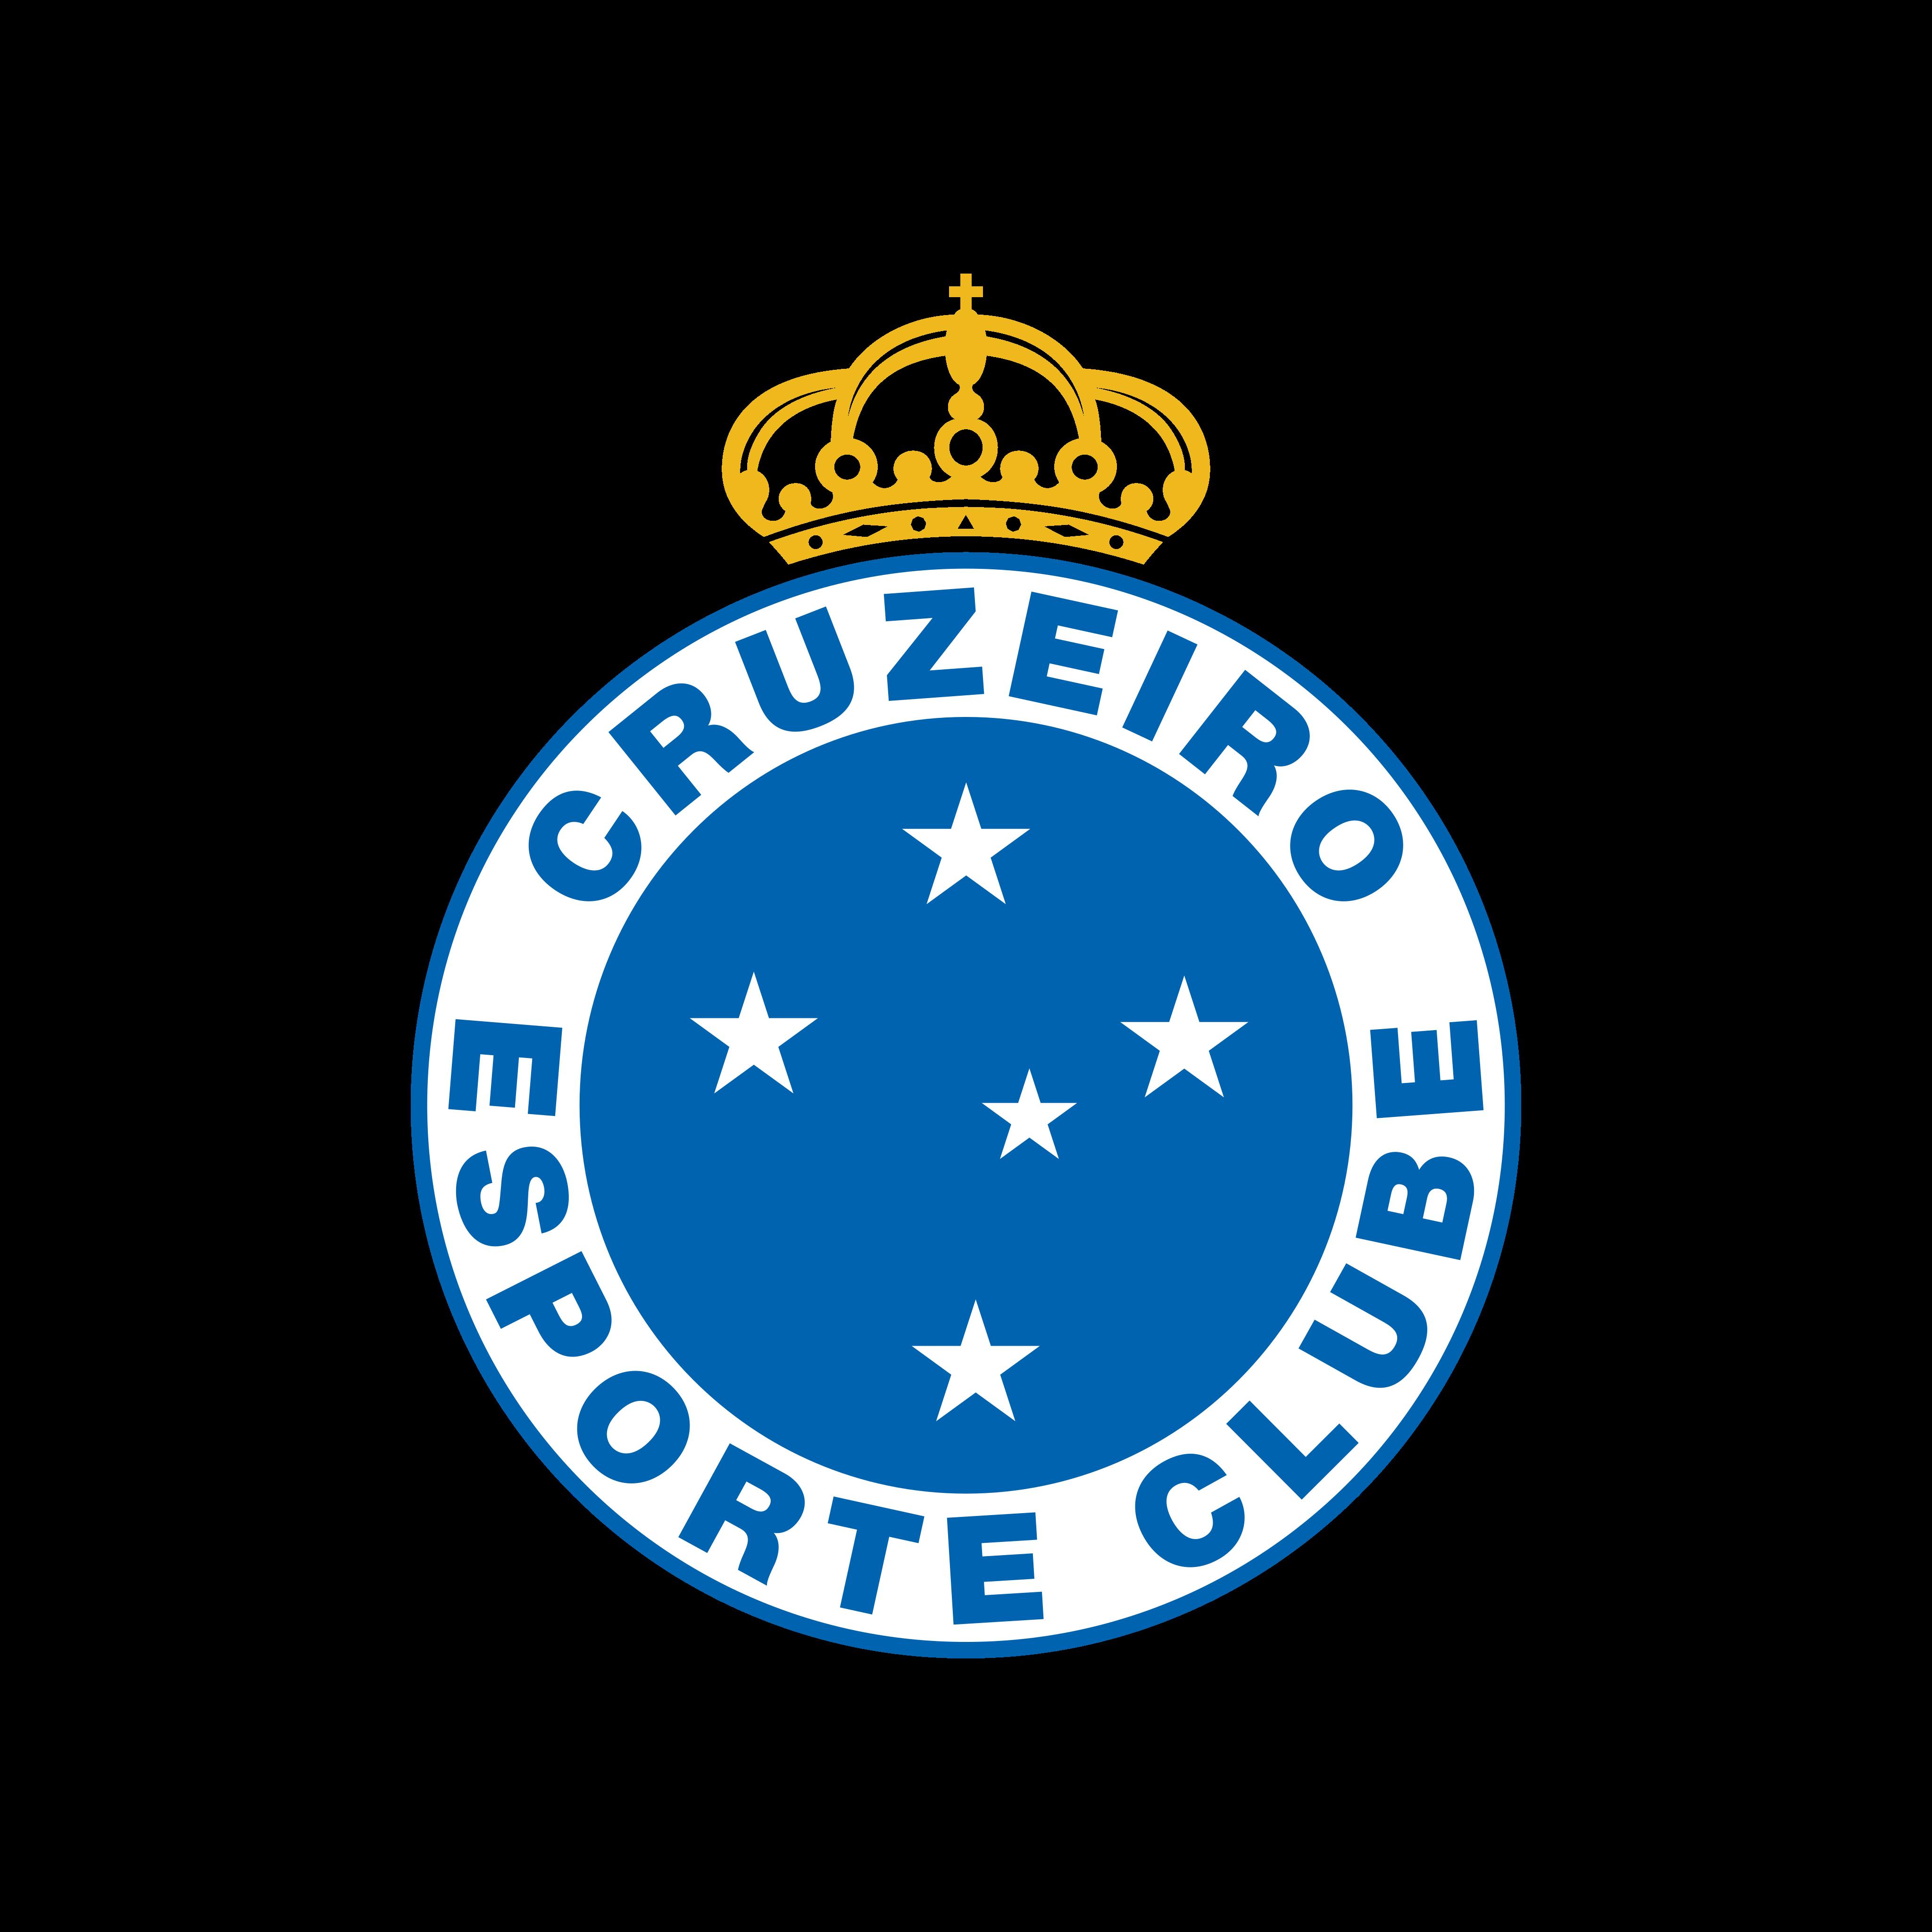 cruzeiro logo 0 - Cruzeiro Logo - Escudo